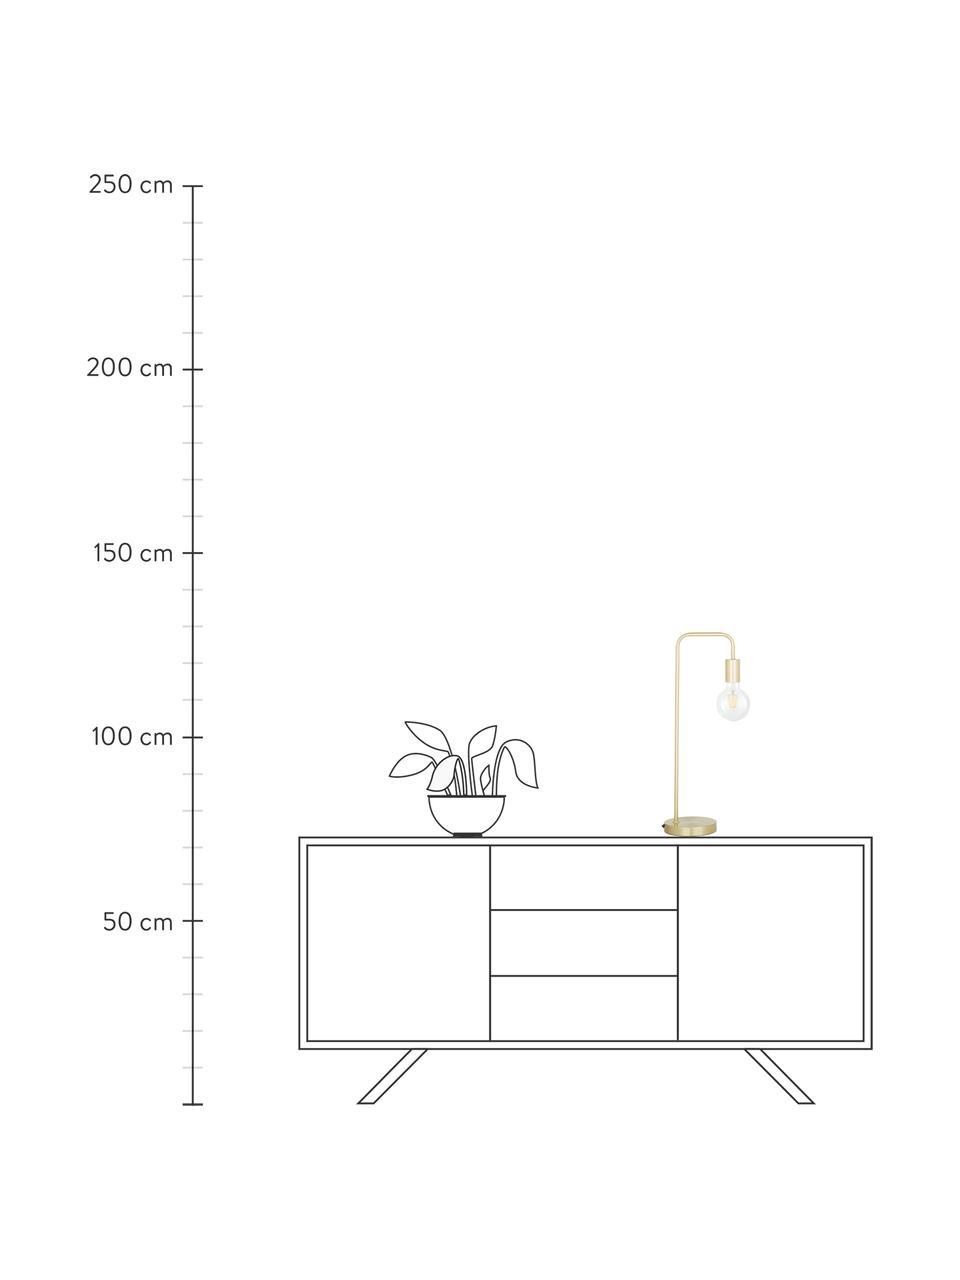 Große Schreibtischlampe Flow aus Metall, Messing, gebürstet, 22 x 56 cm